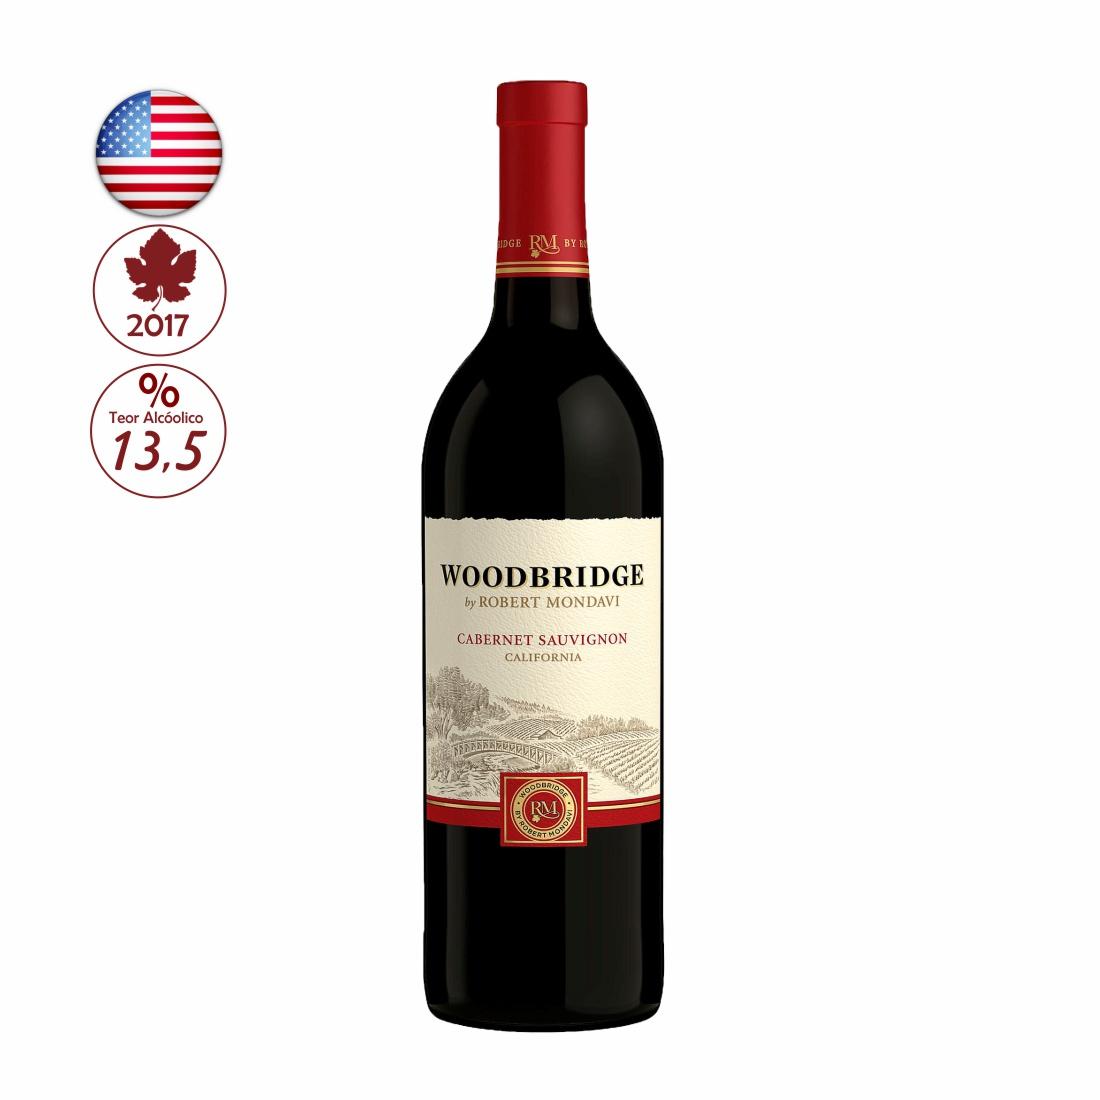 VINHO WOODBRIDGE R.MONDAVI 750ML CABERNET SAUVIGNON